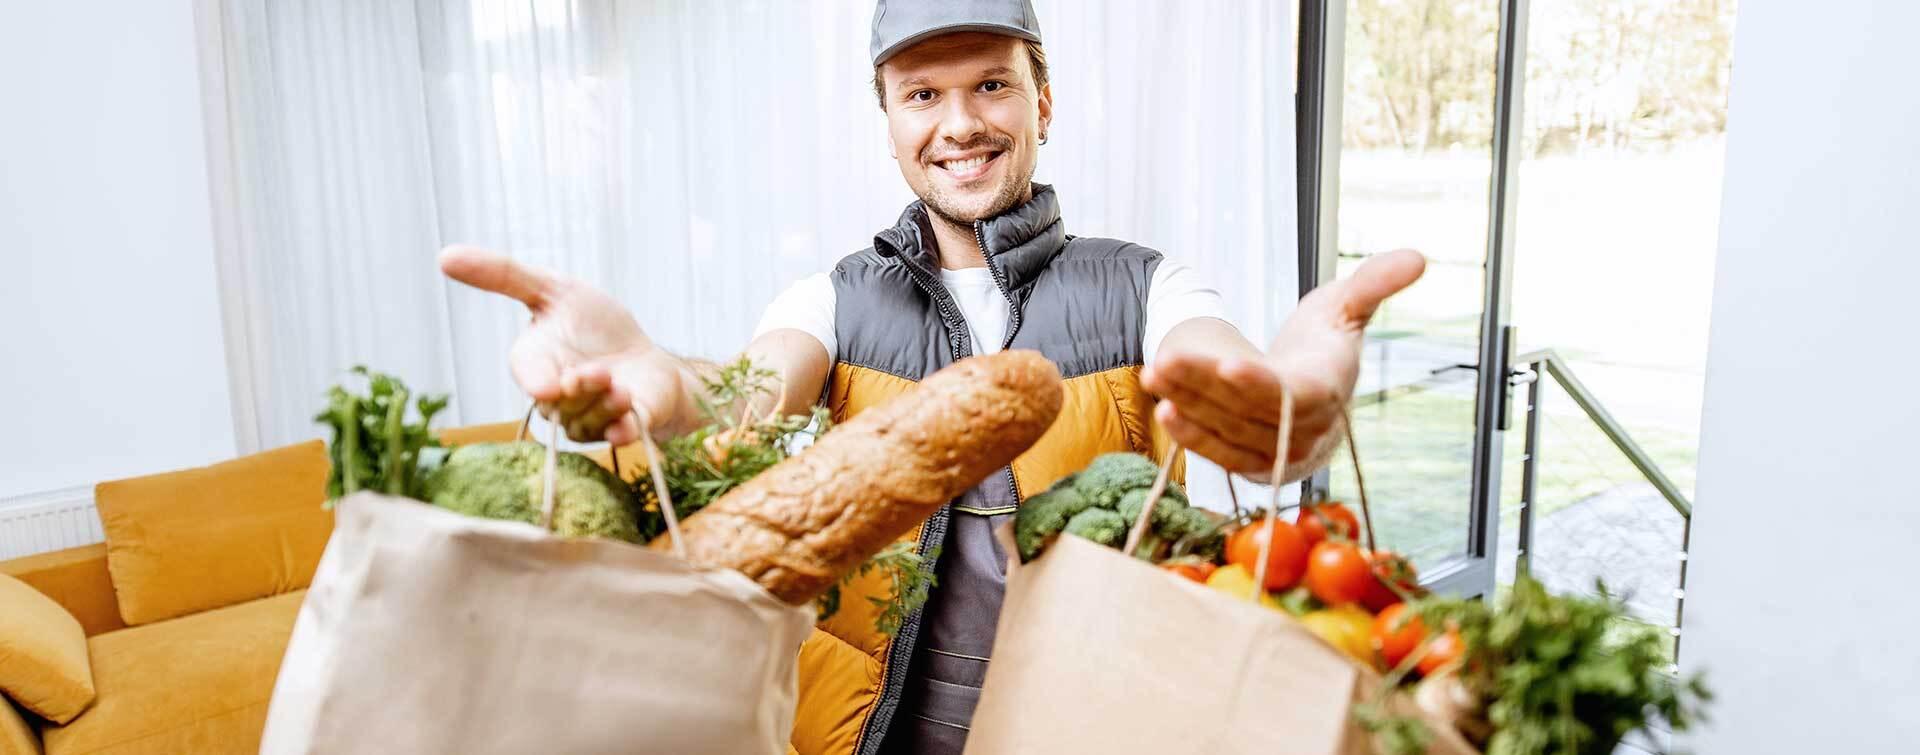 Zakupy spożywcze online – gdzie i jak je robić?